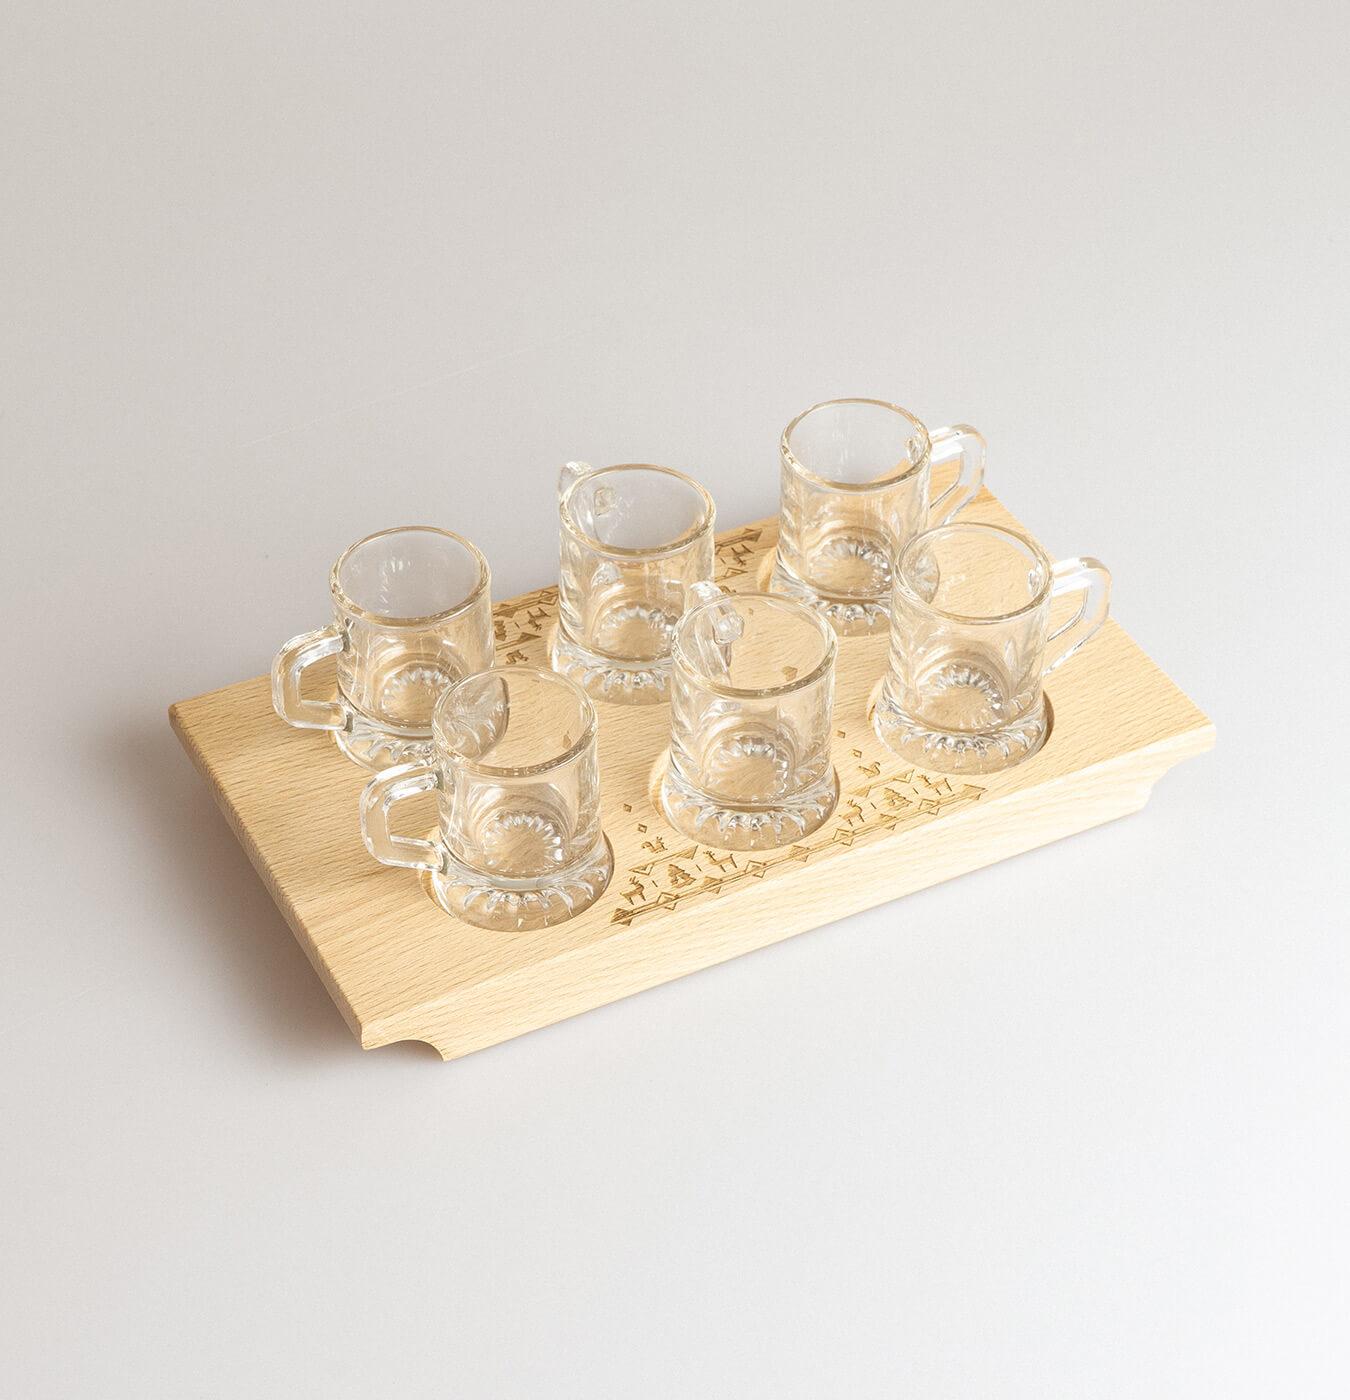 Portabicchierini vassoio per 6 bicchierini con decorazione incisa